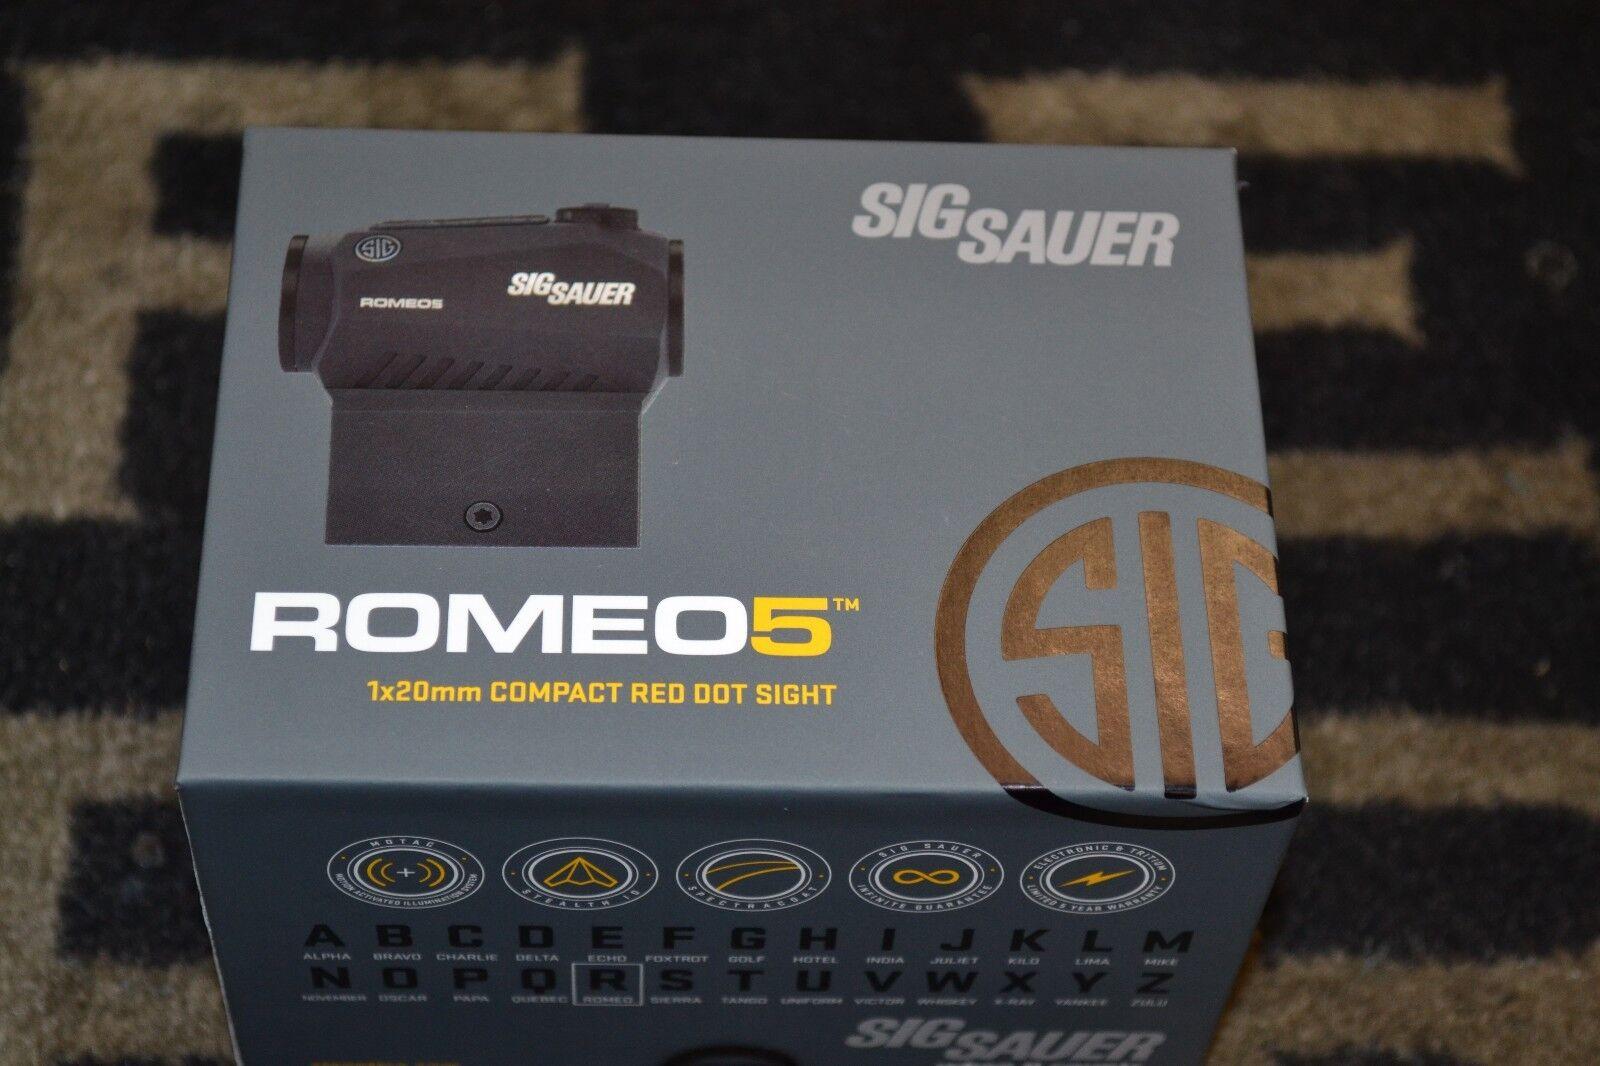 Изображение товара Sig Sauer Romeo5 1x20mm Compact Red-Dot Sight 2 MOA Dot NIB